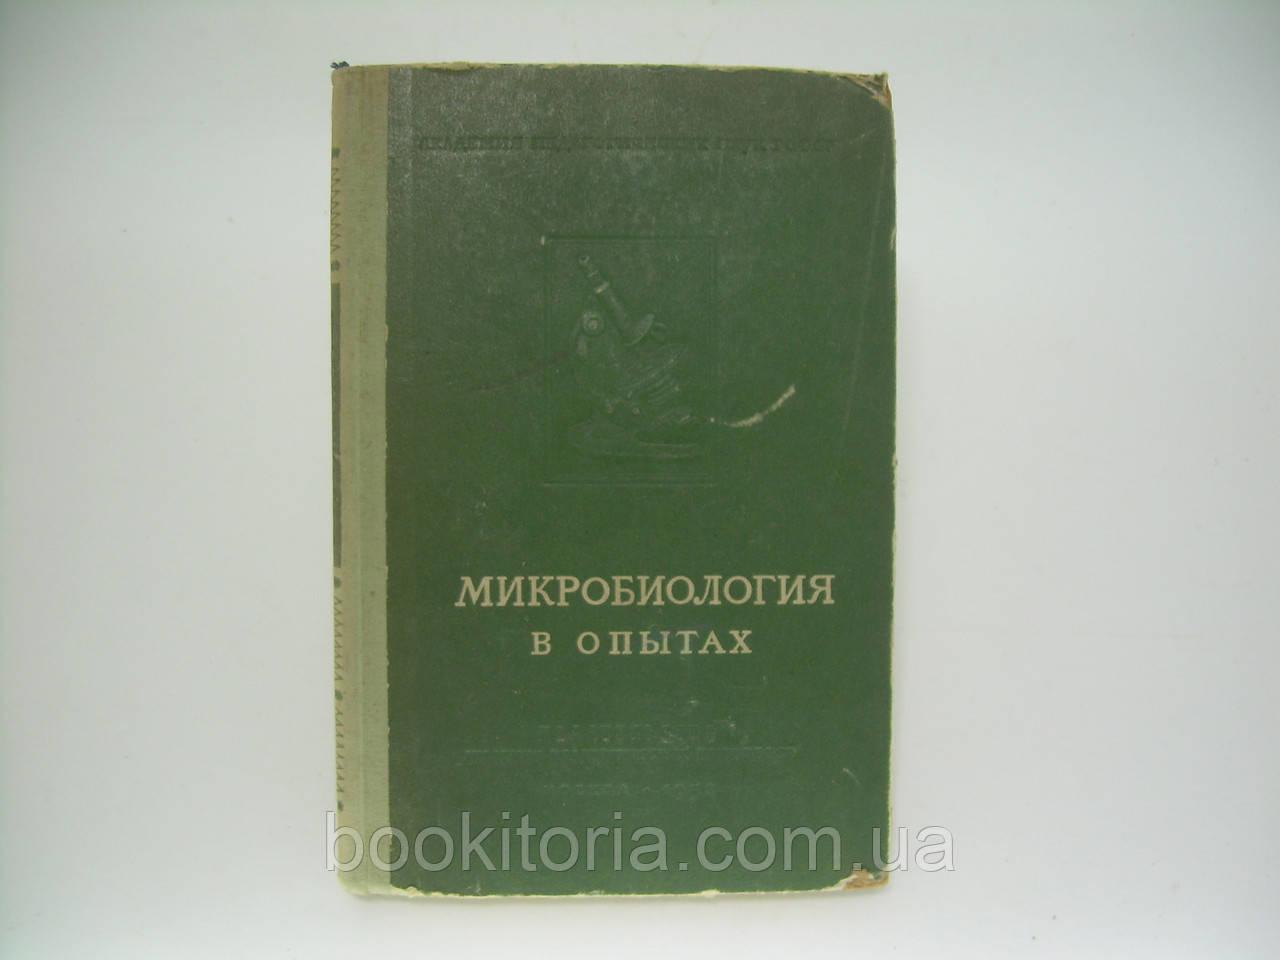 Селибер Г.Л., Кацнельсон Р.С., Скалон И.С. Микробиология в опытах (б/у).